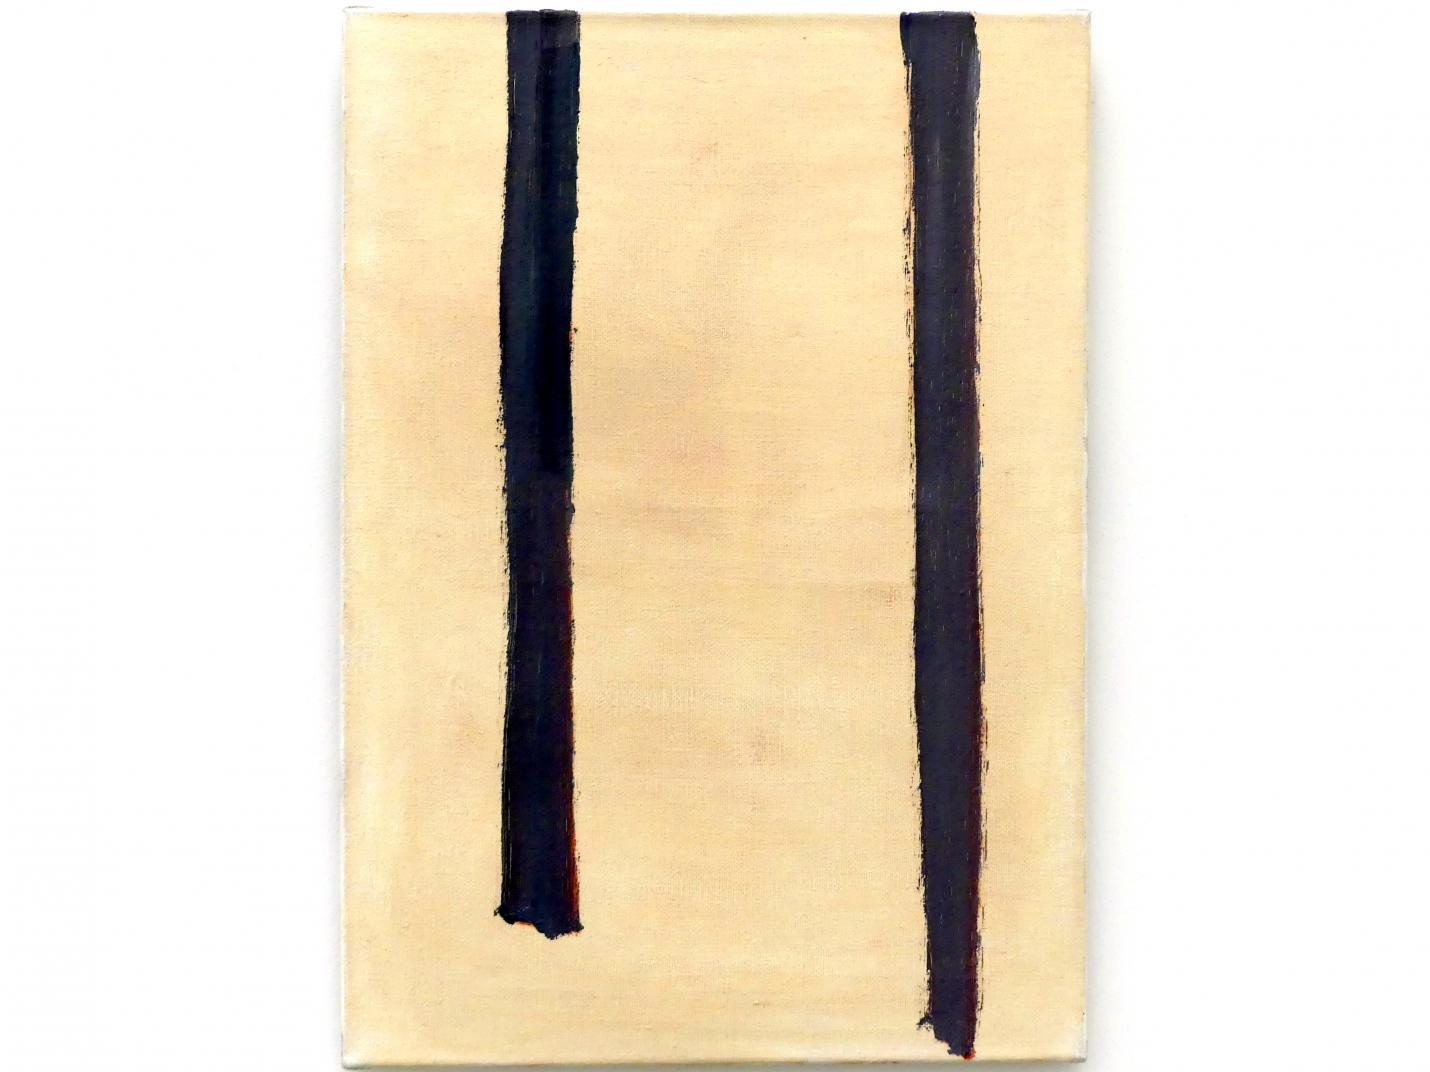 Raoul De Keyser: Einden, 1992